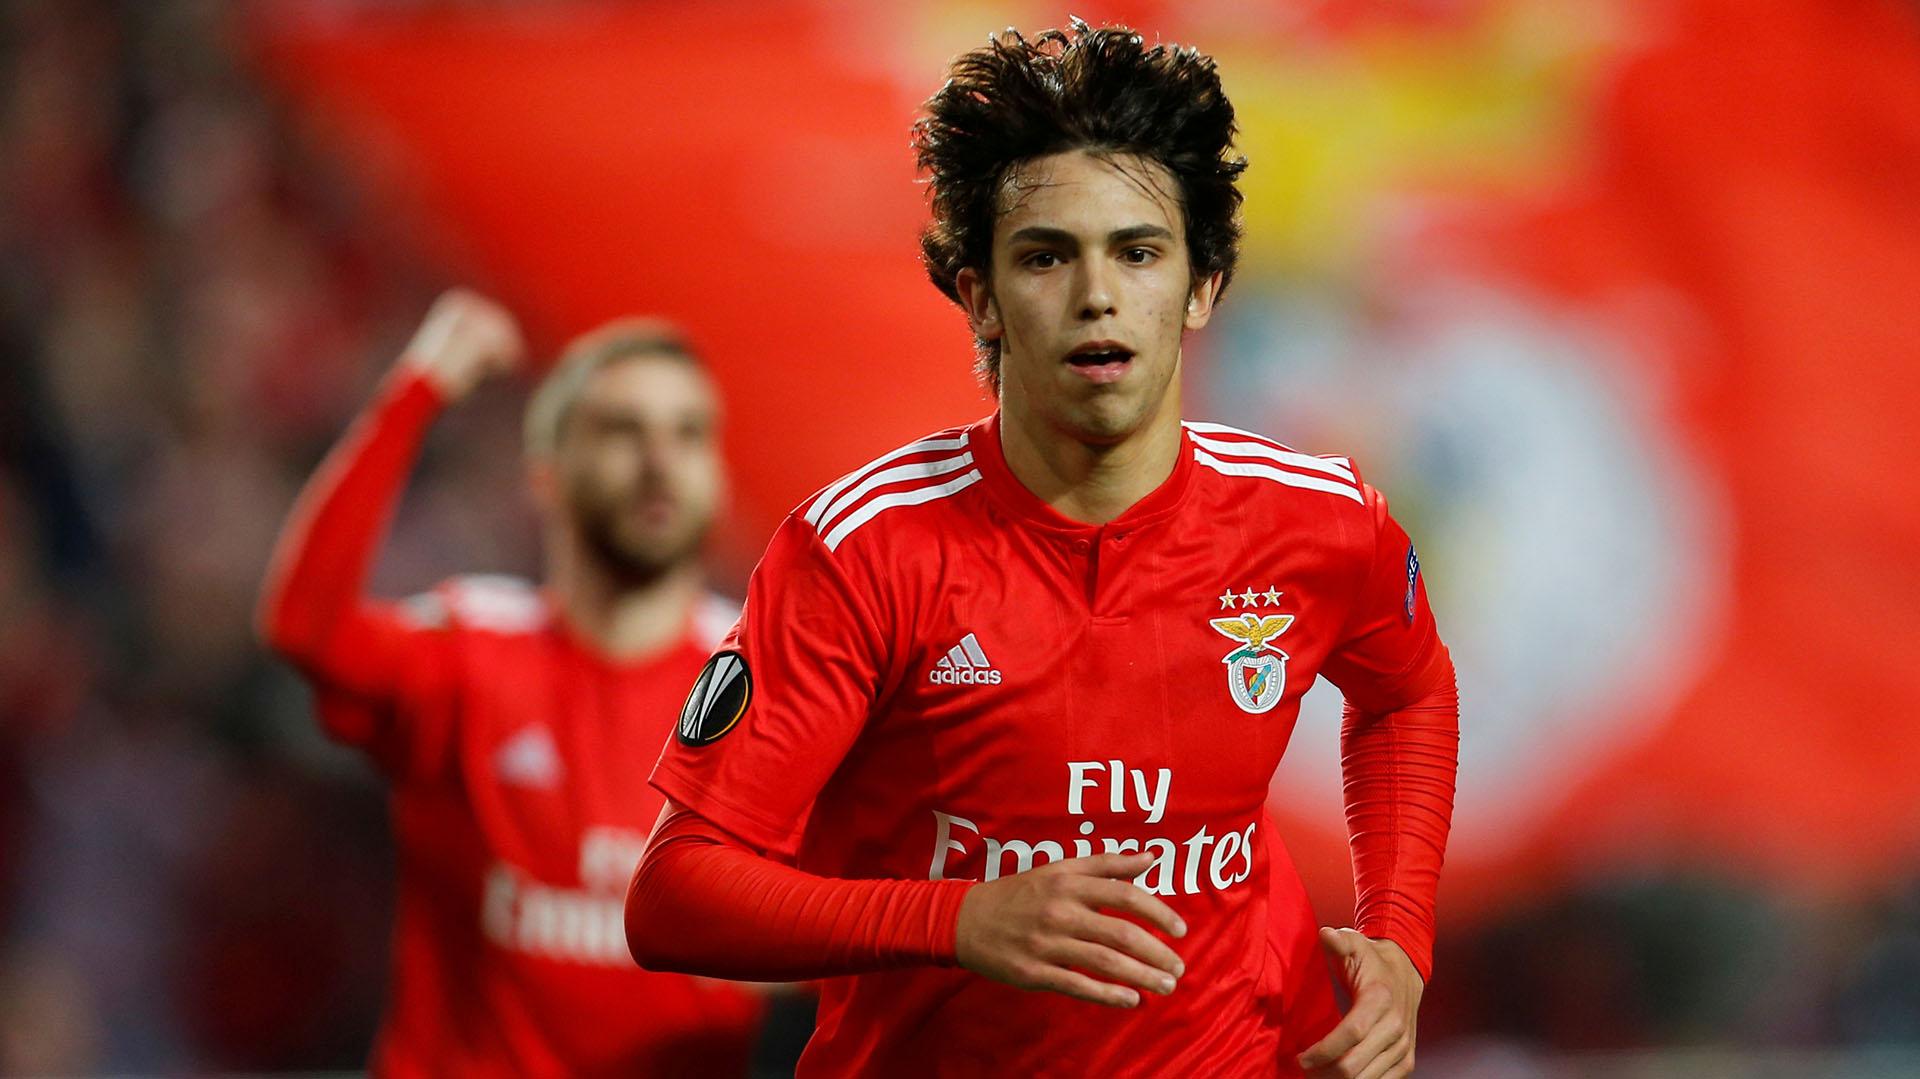 El portugués Joao Felix (Atletico Madrid) USD 80,7 millones